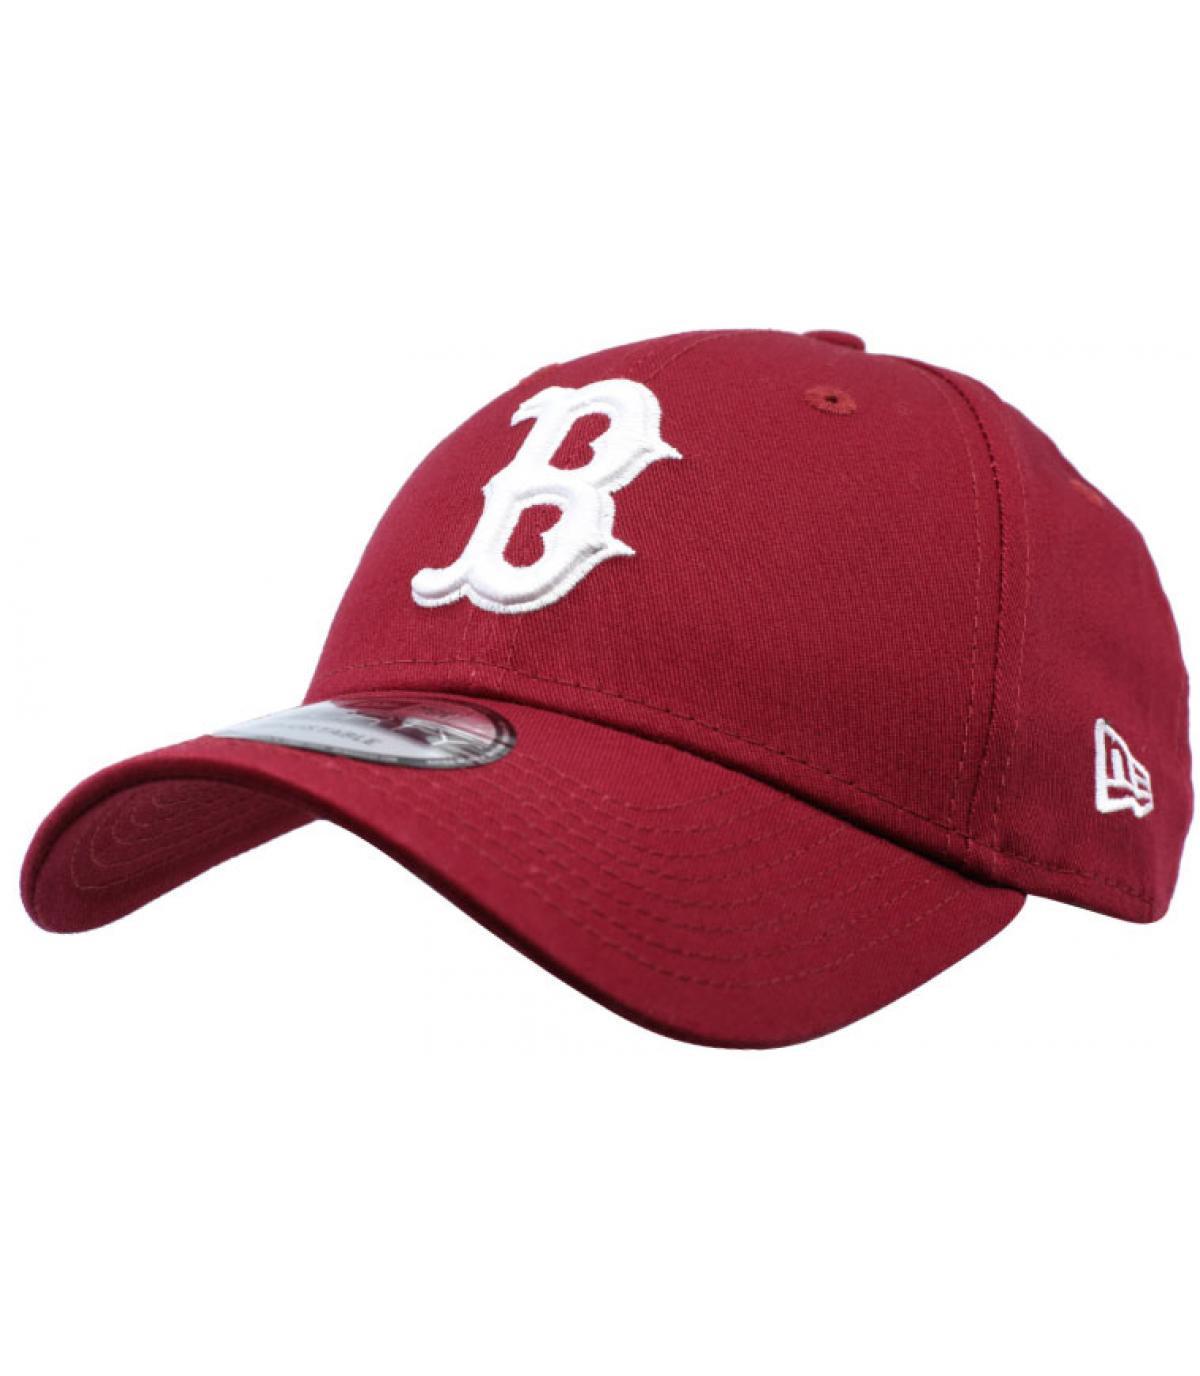 b bordeaux curve cap